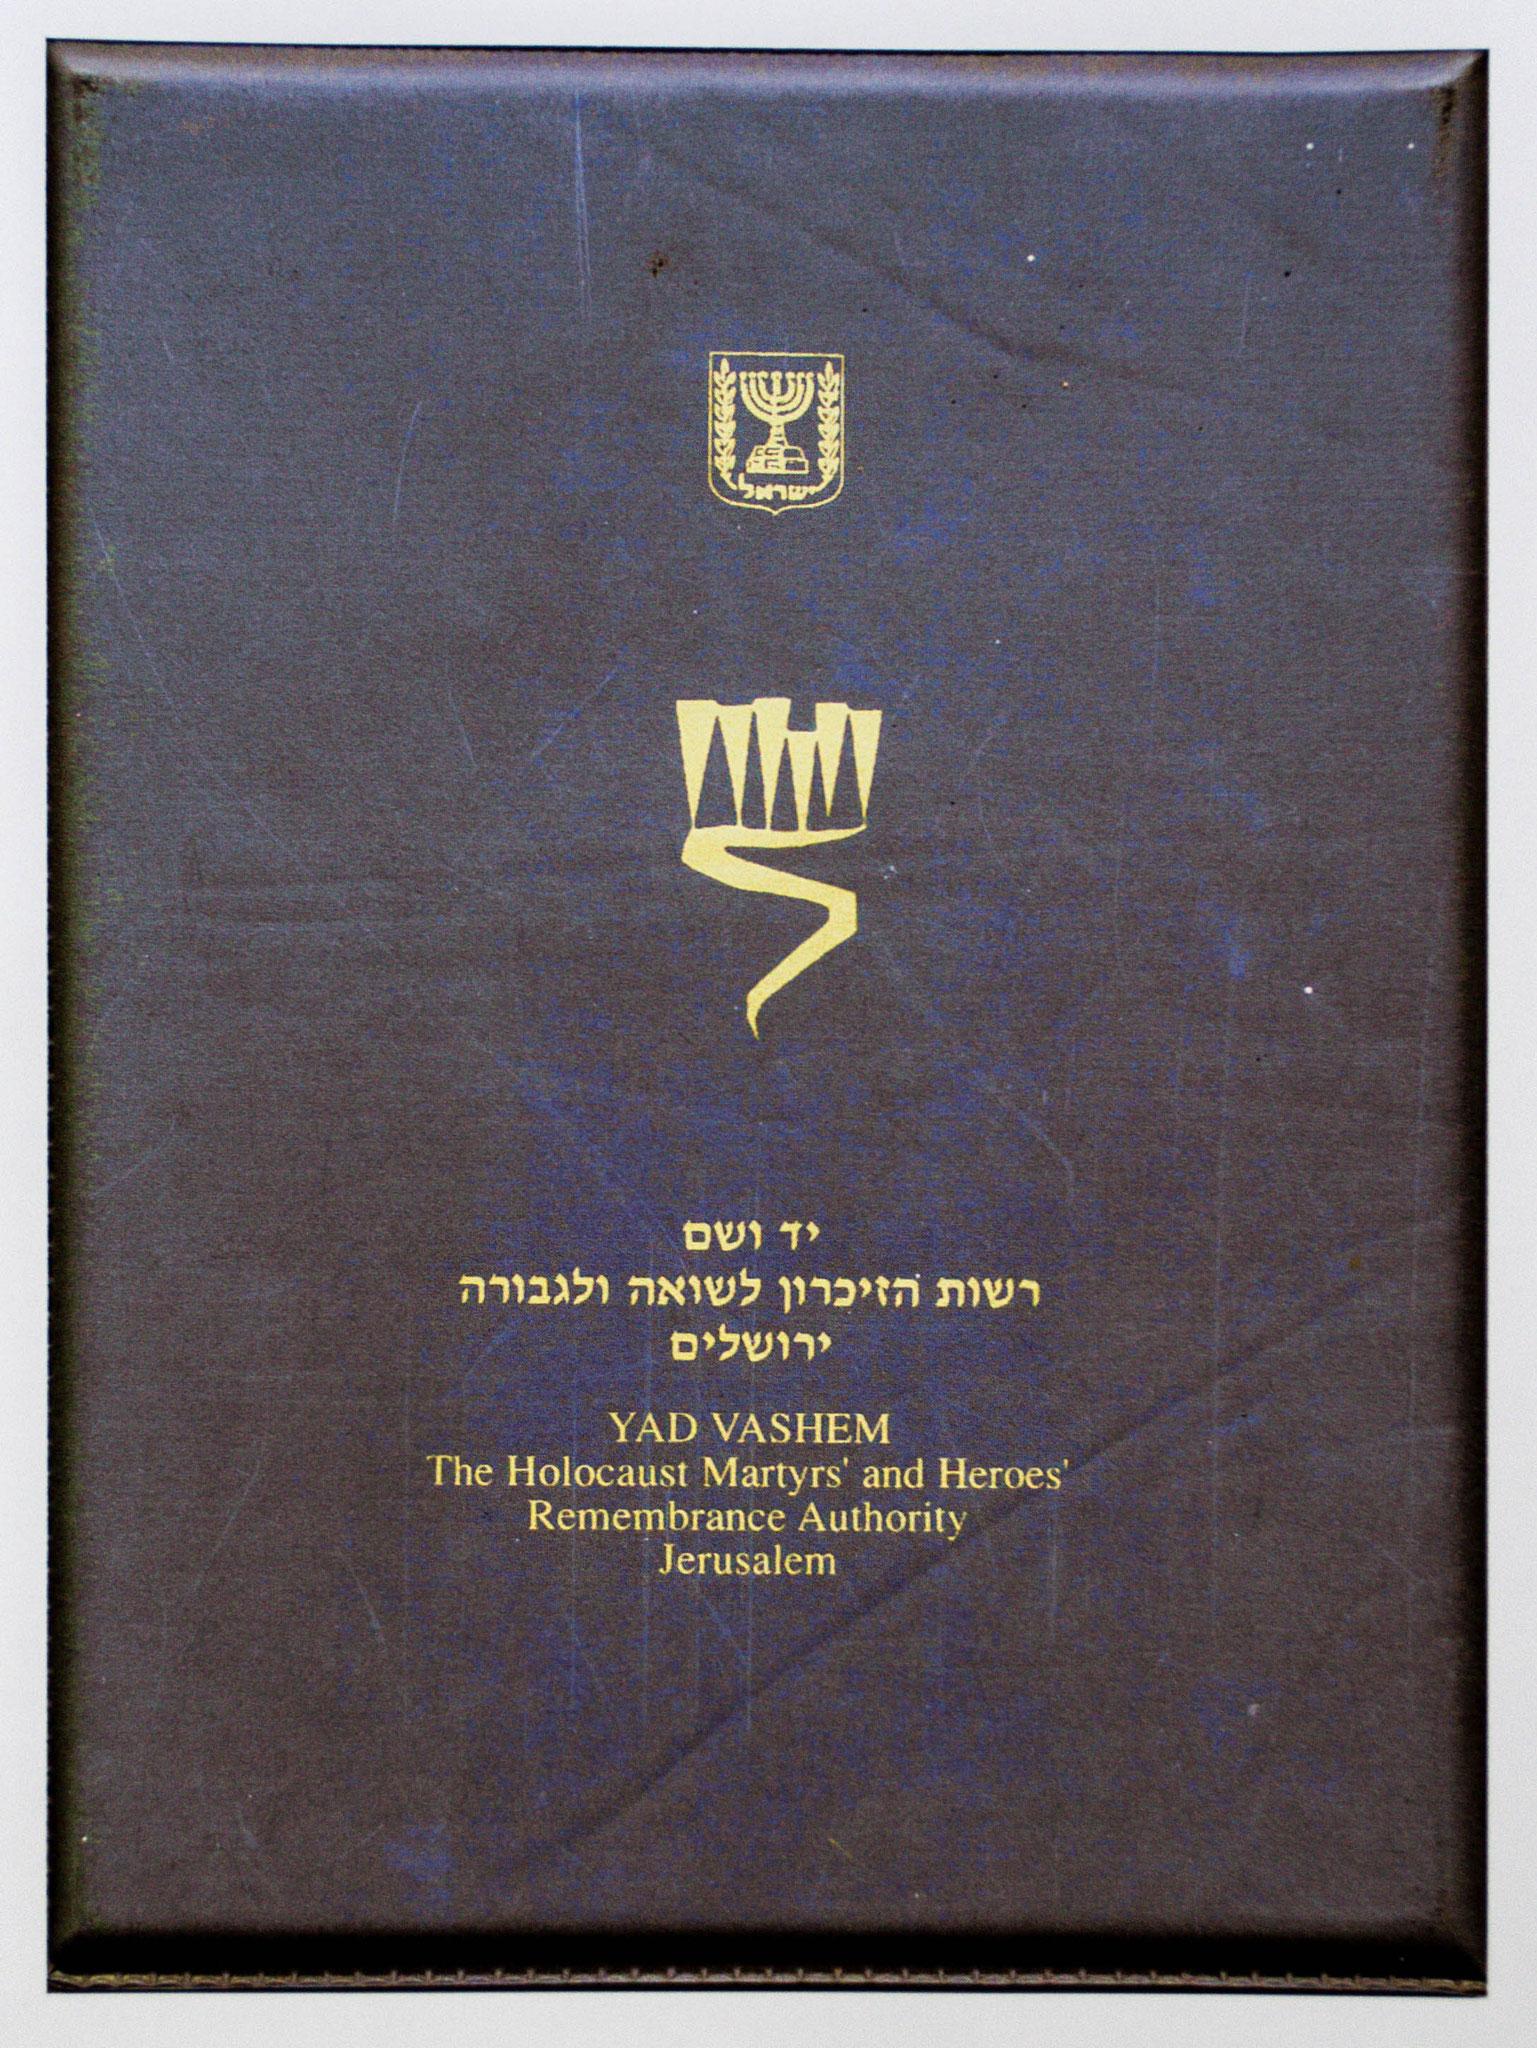 Délivré par le YAD VASHEM